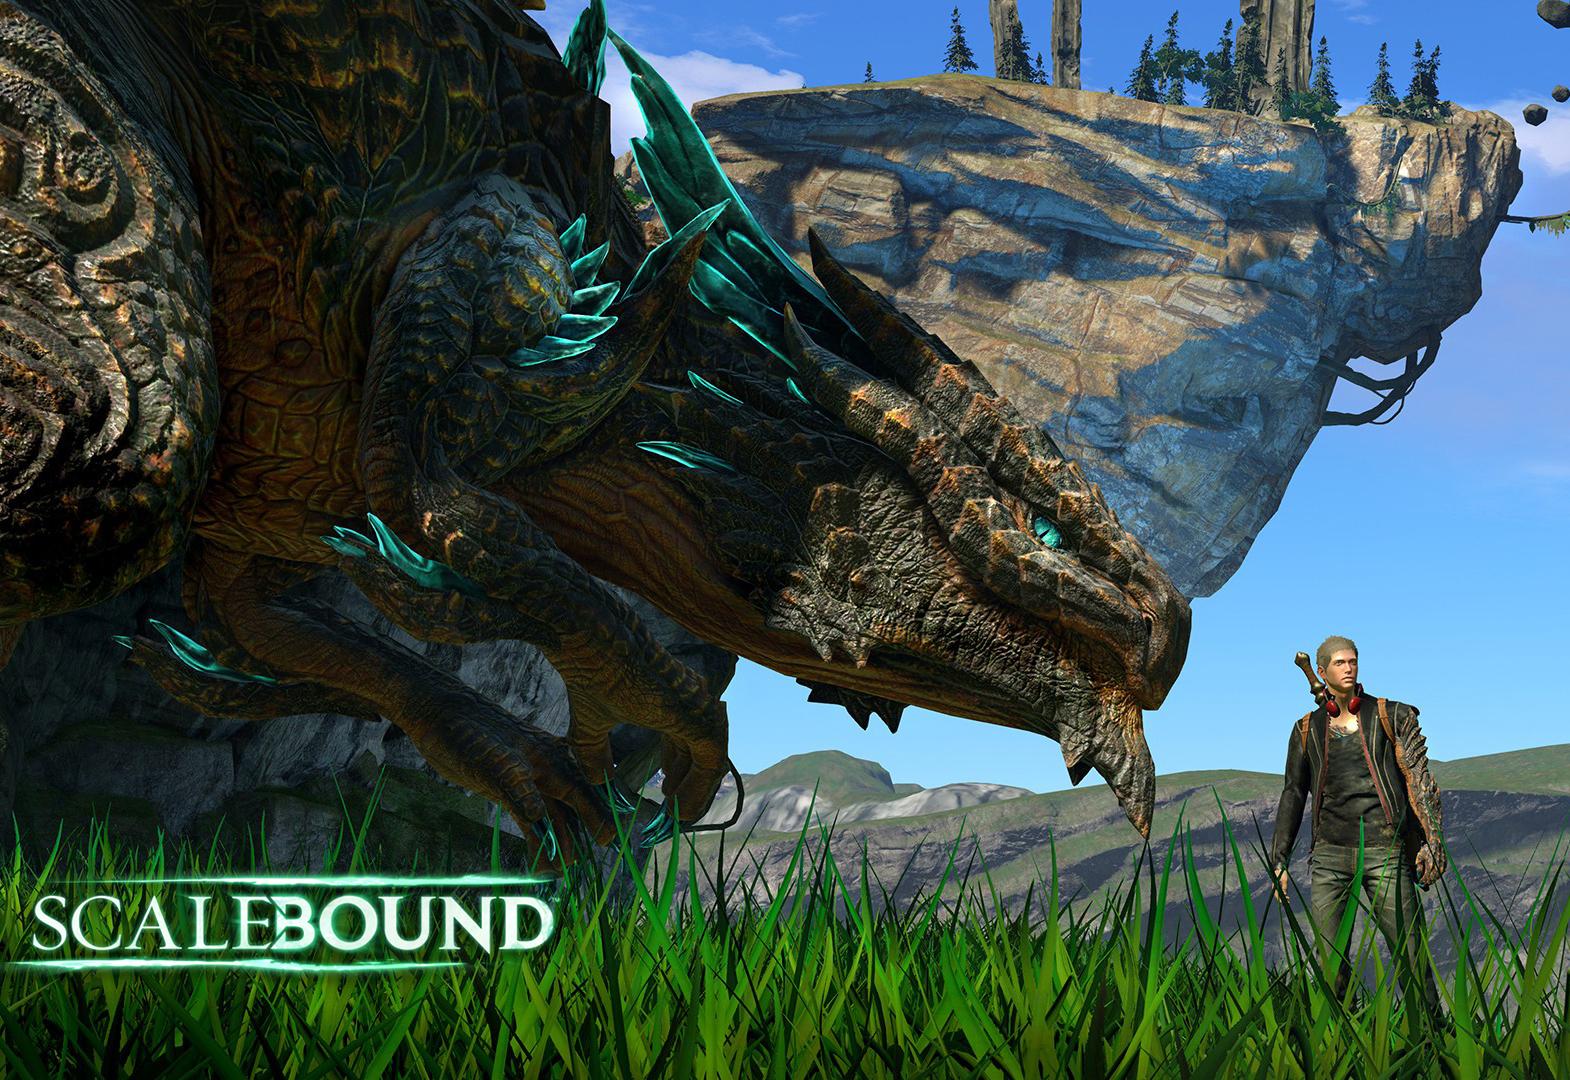 Докато Platinum Games се извиняват, Microsoft смятат спирането на Scalebound за хубава новина